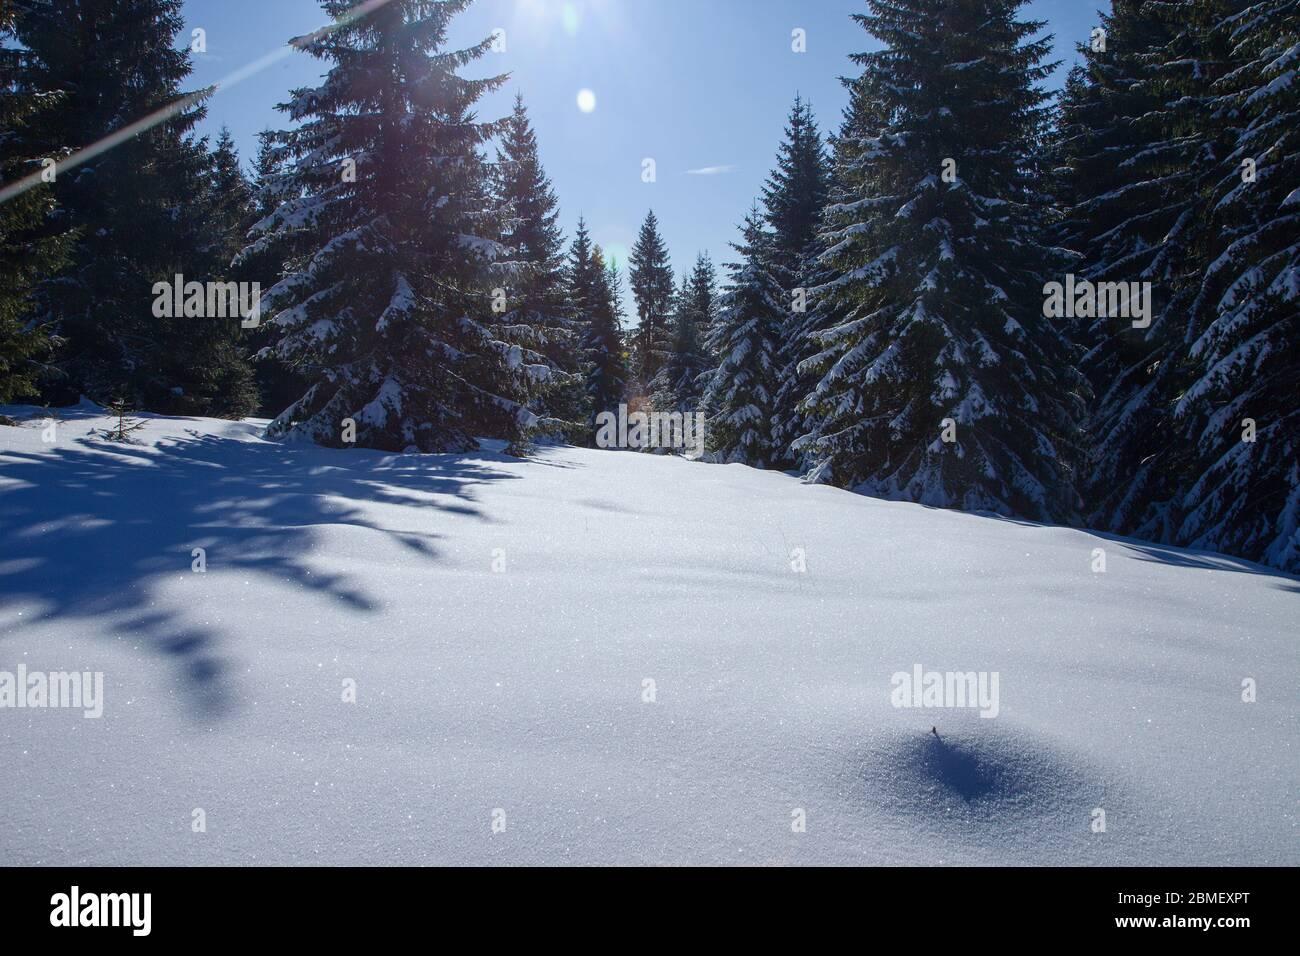 Bosque de piceas cubierto de nieve blanca durante la temporada de invierno, Eslovaquia Foto de stock